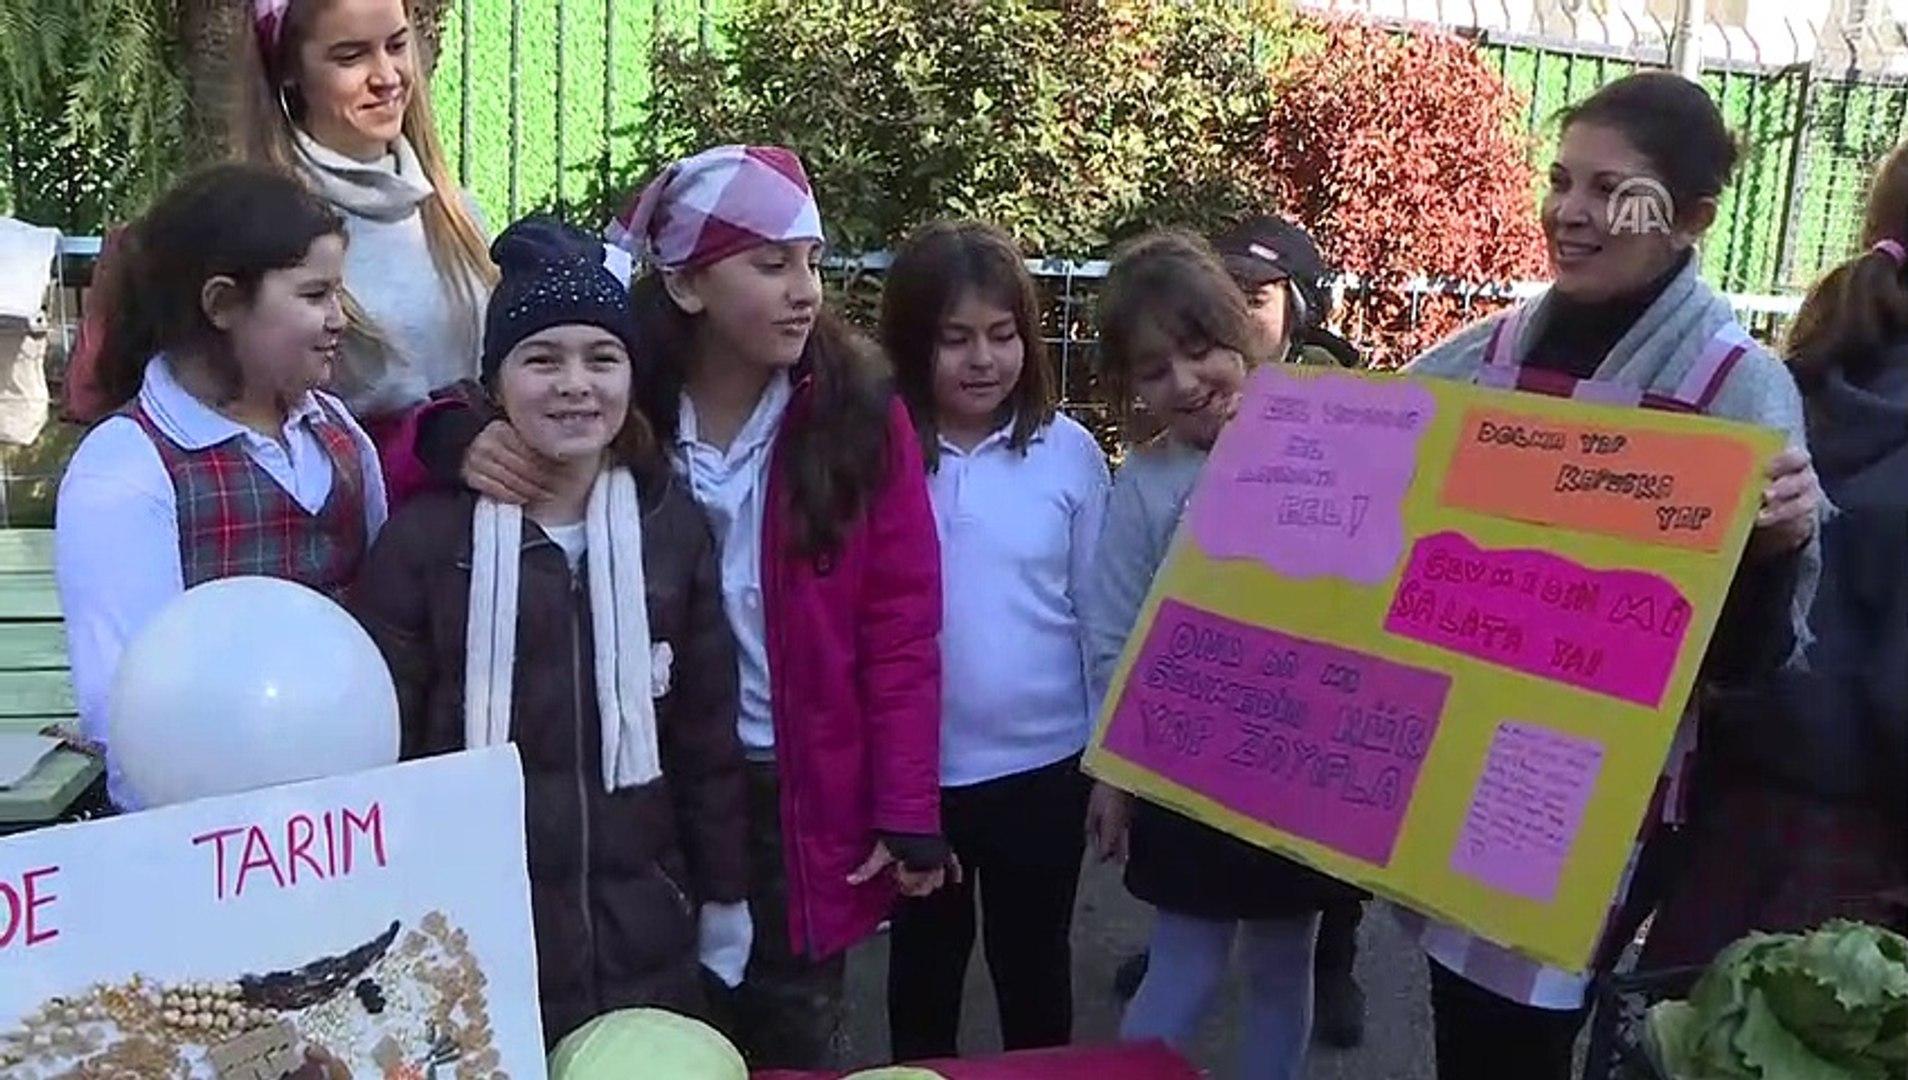 Öğrenciler pazar kurdu, kese kağıdıyla satış yaptı - İZMİR